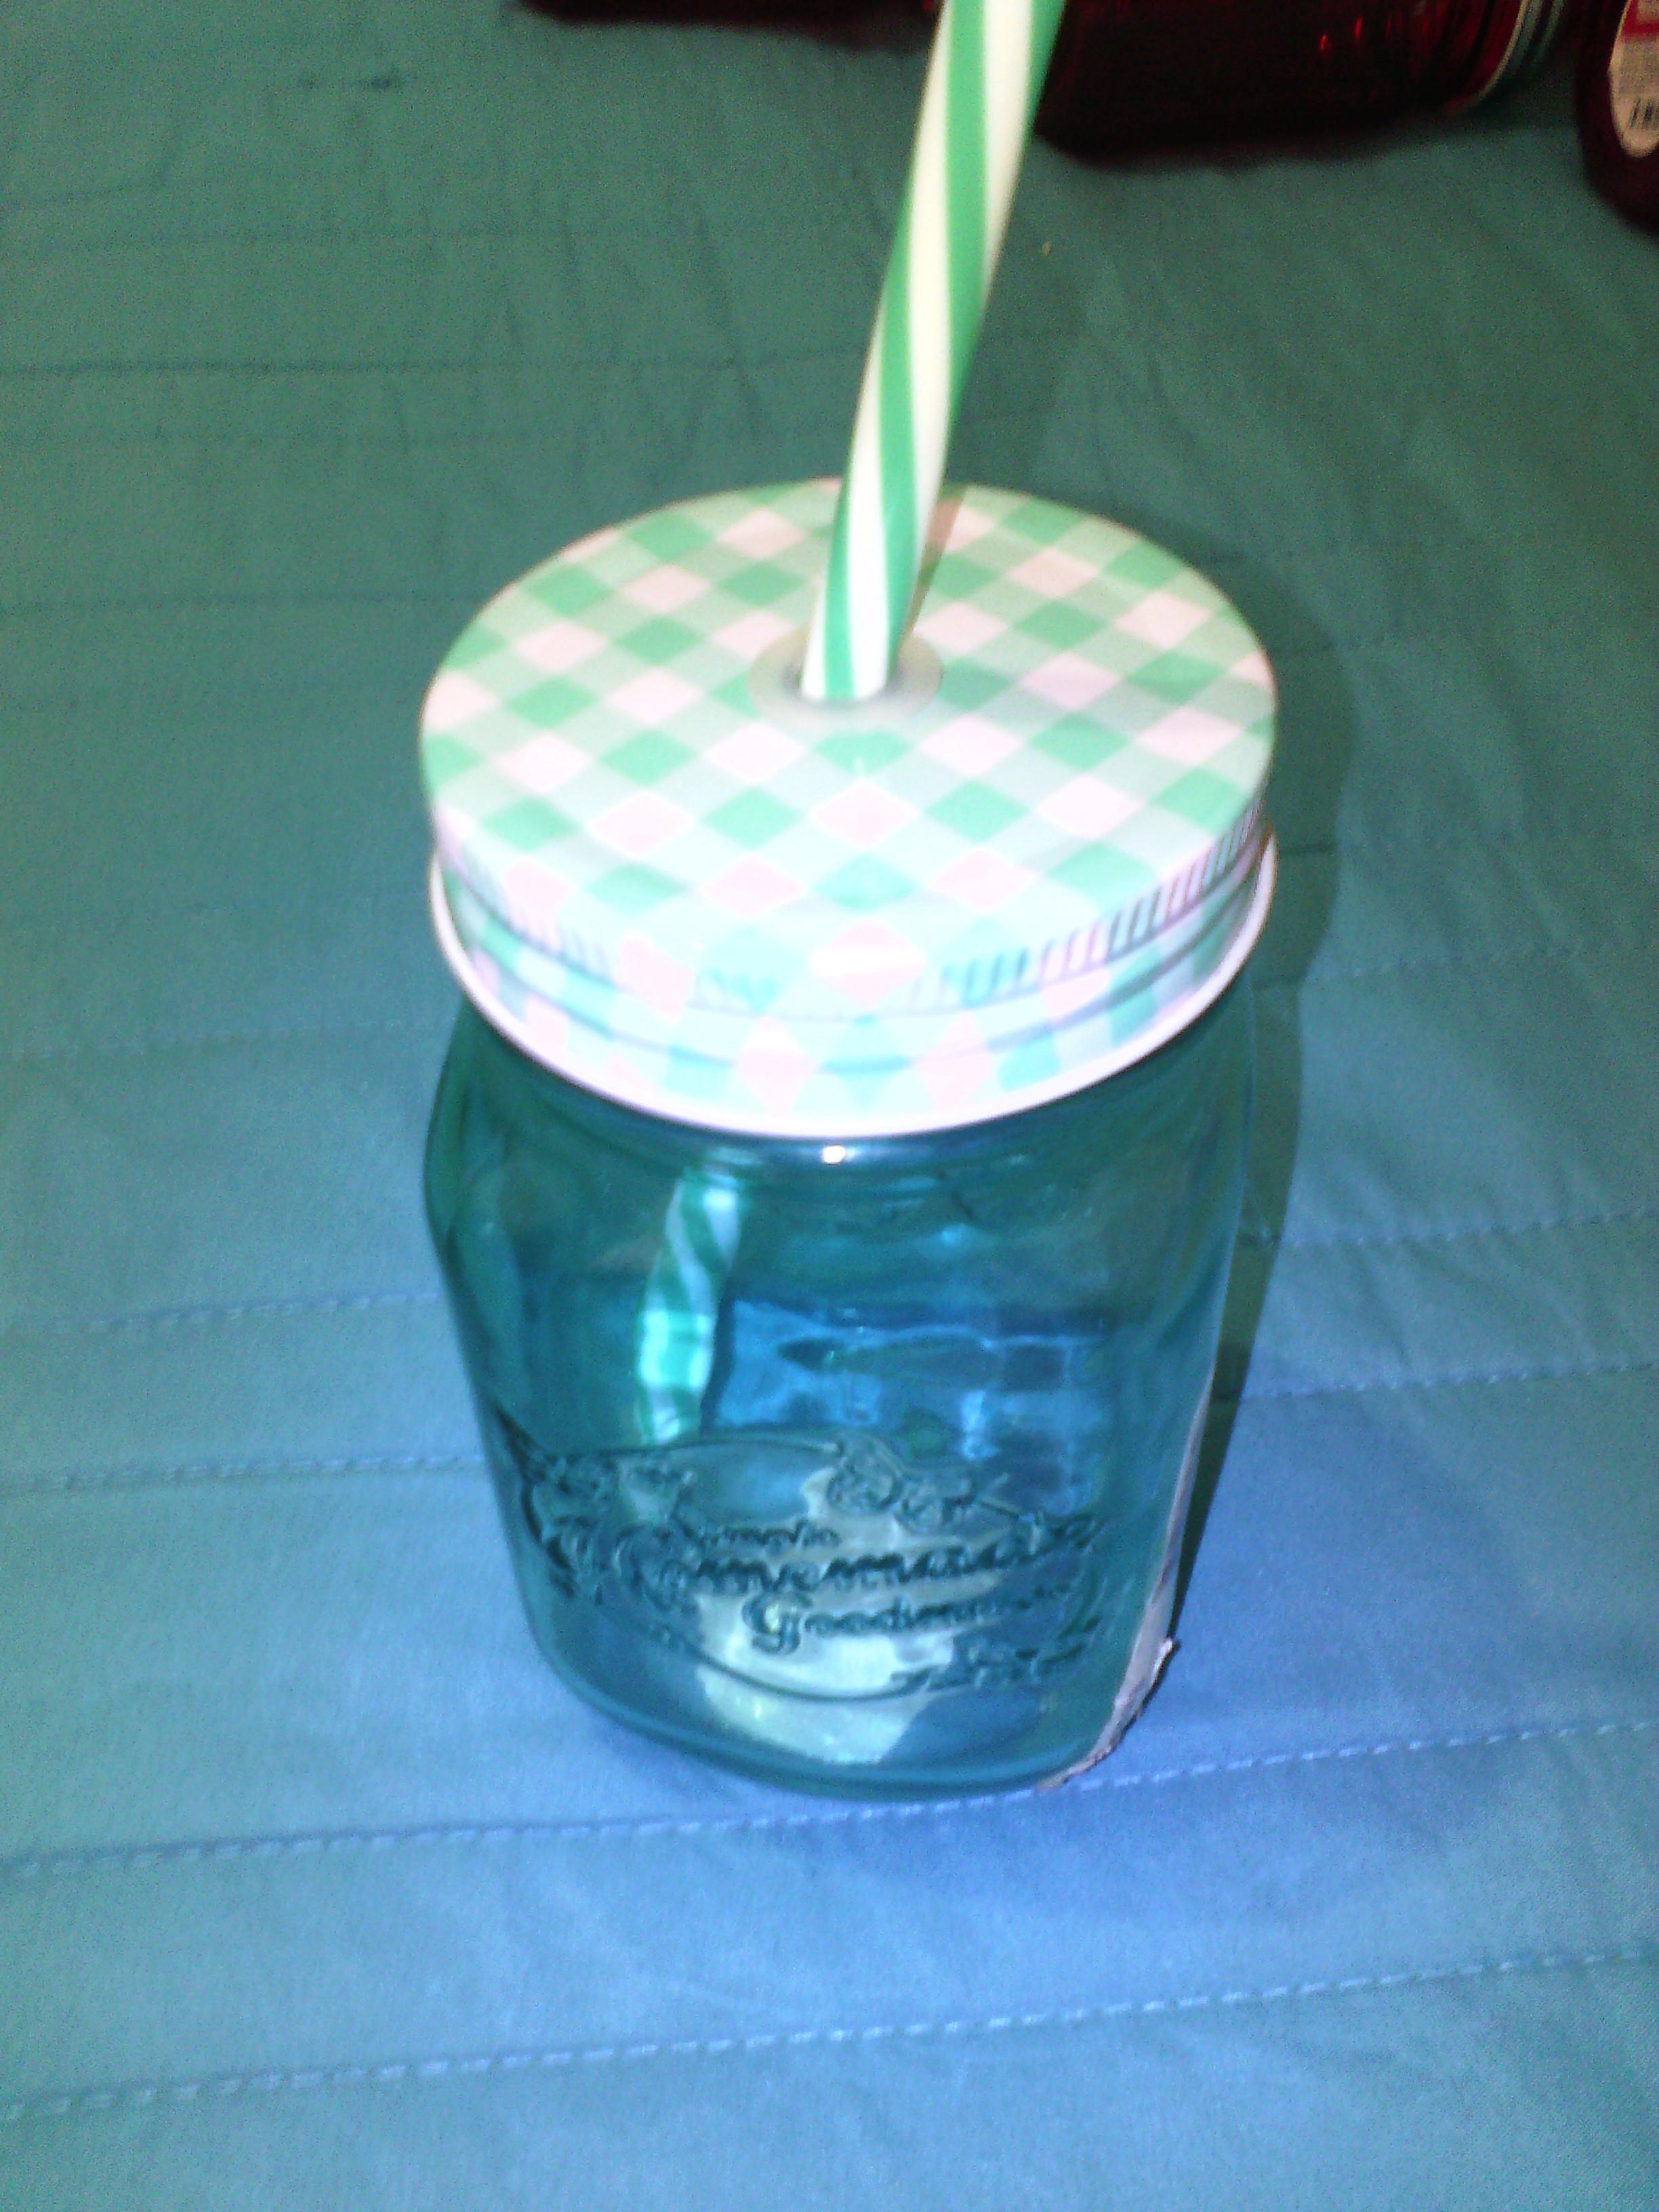 Walmart avenida universidad Villahermosa.: liquidación de Manson jar (varios productos)